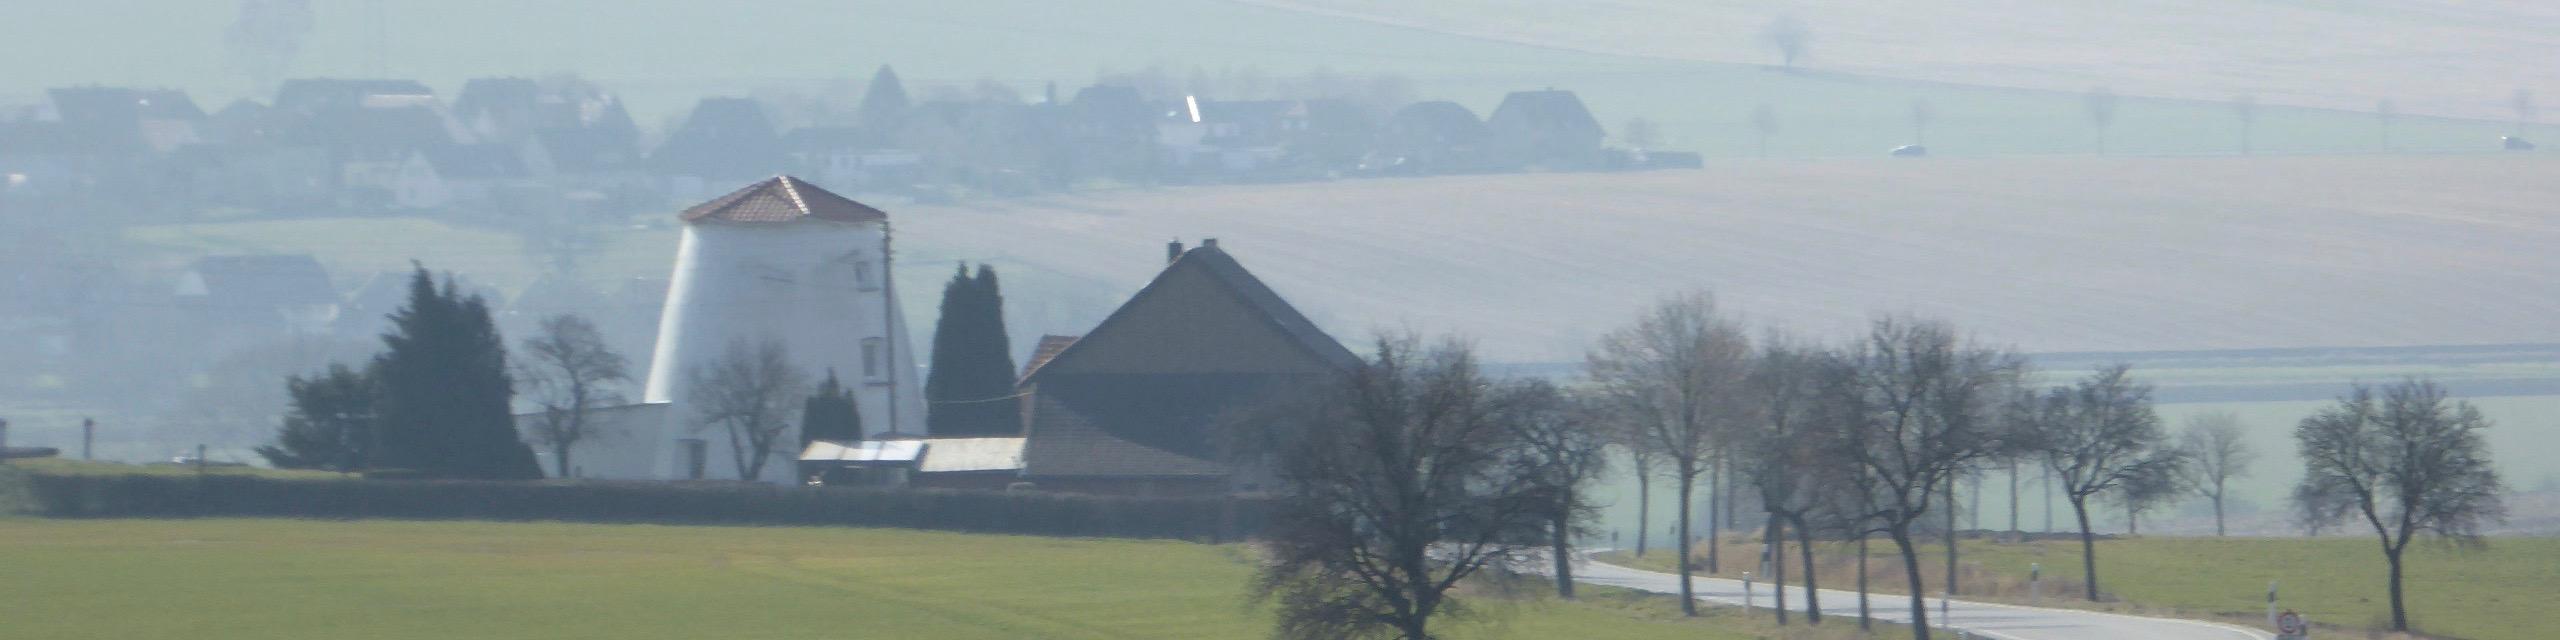 unsere Mühle – lechstedt.de